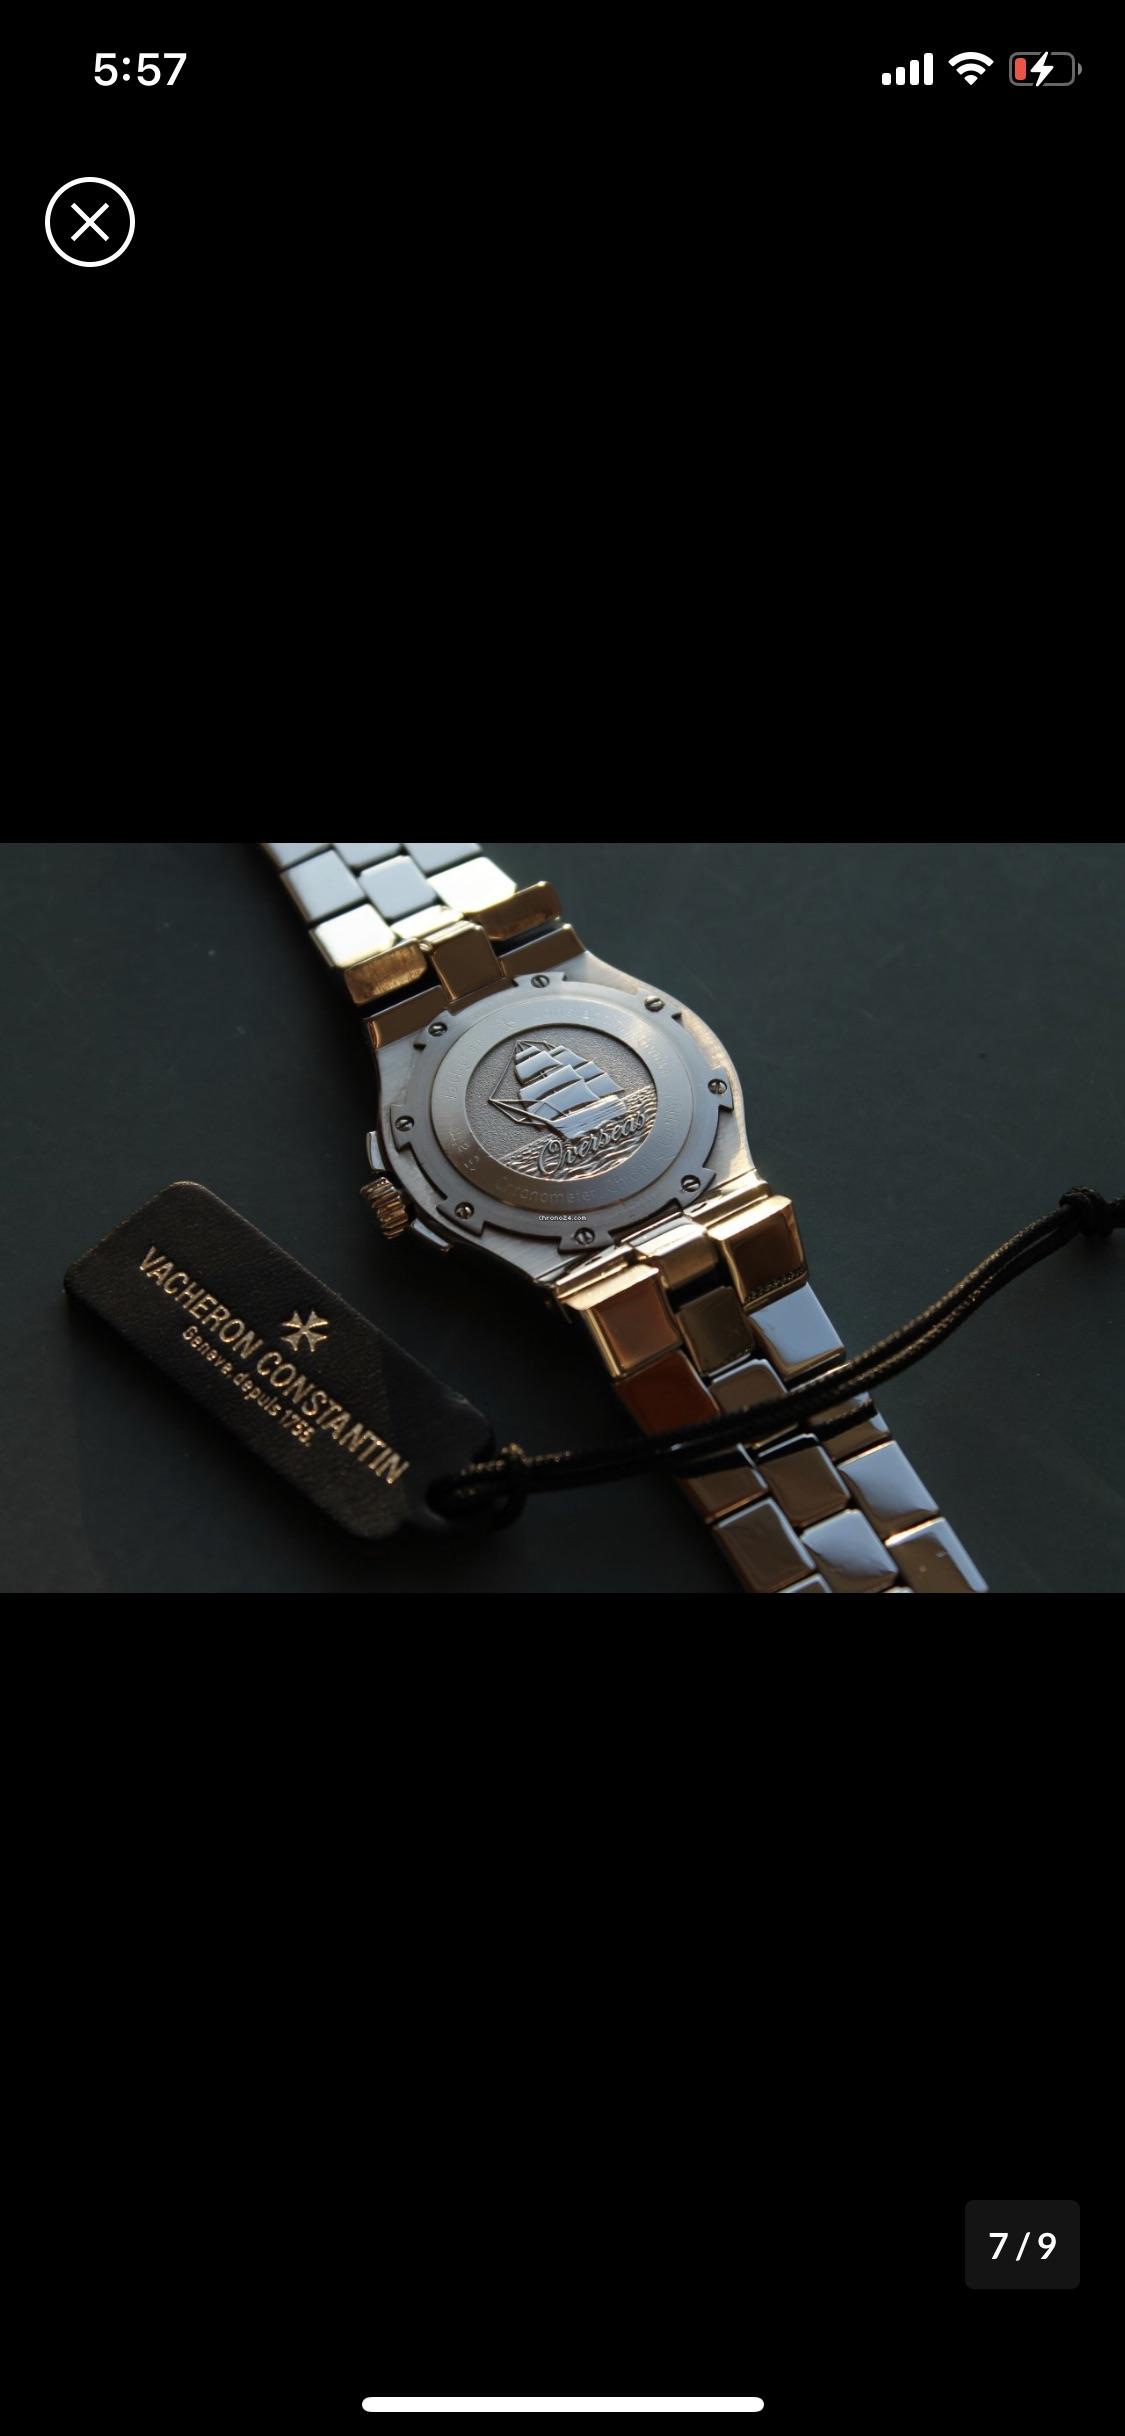 時計が壊れてしまいました